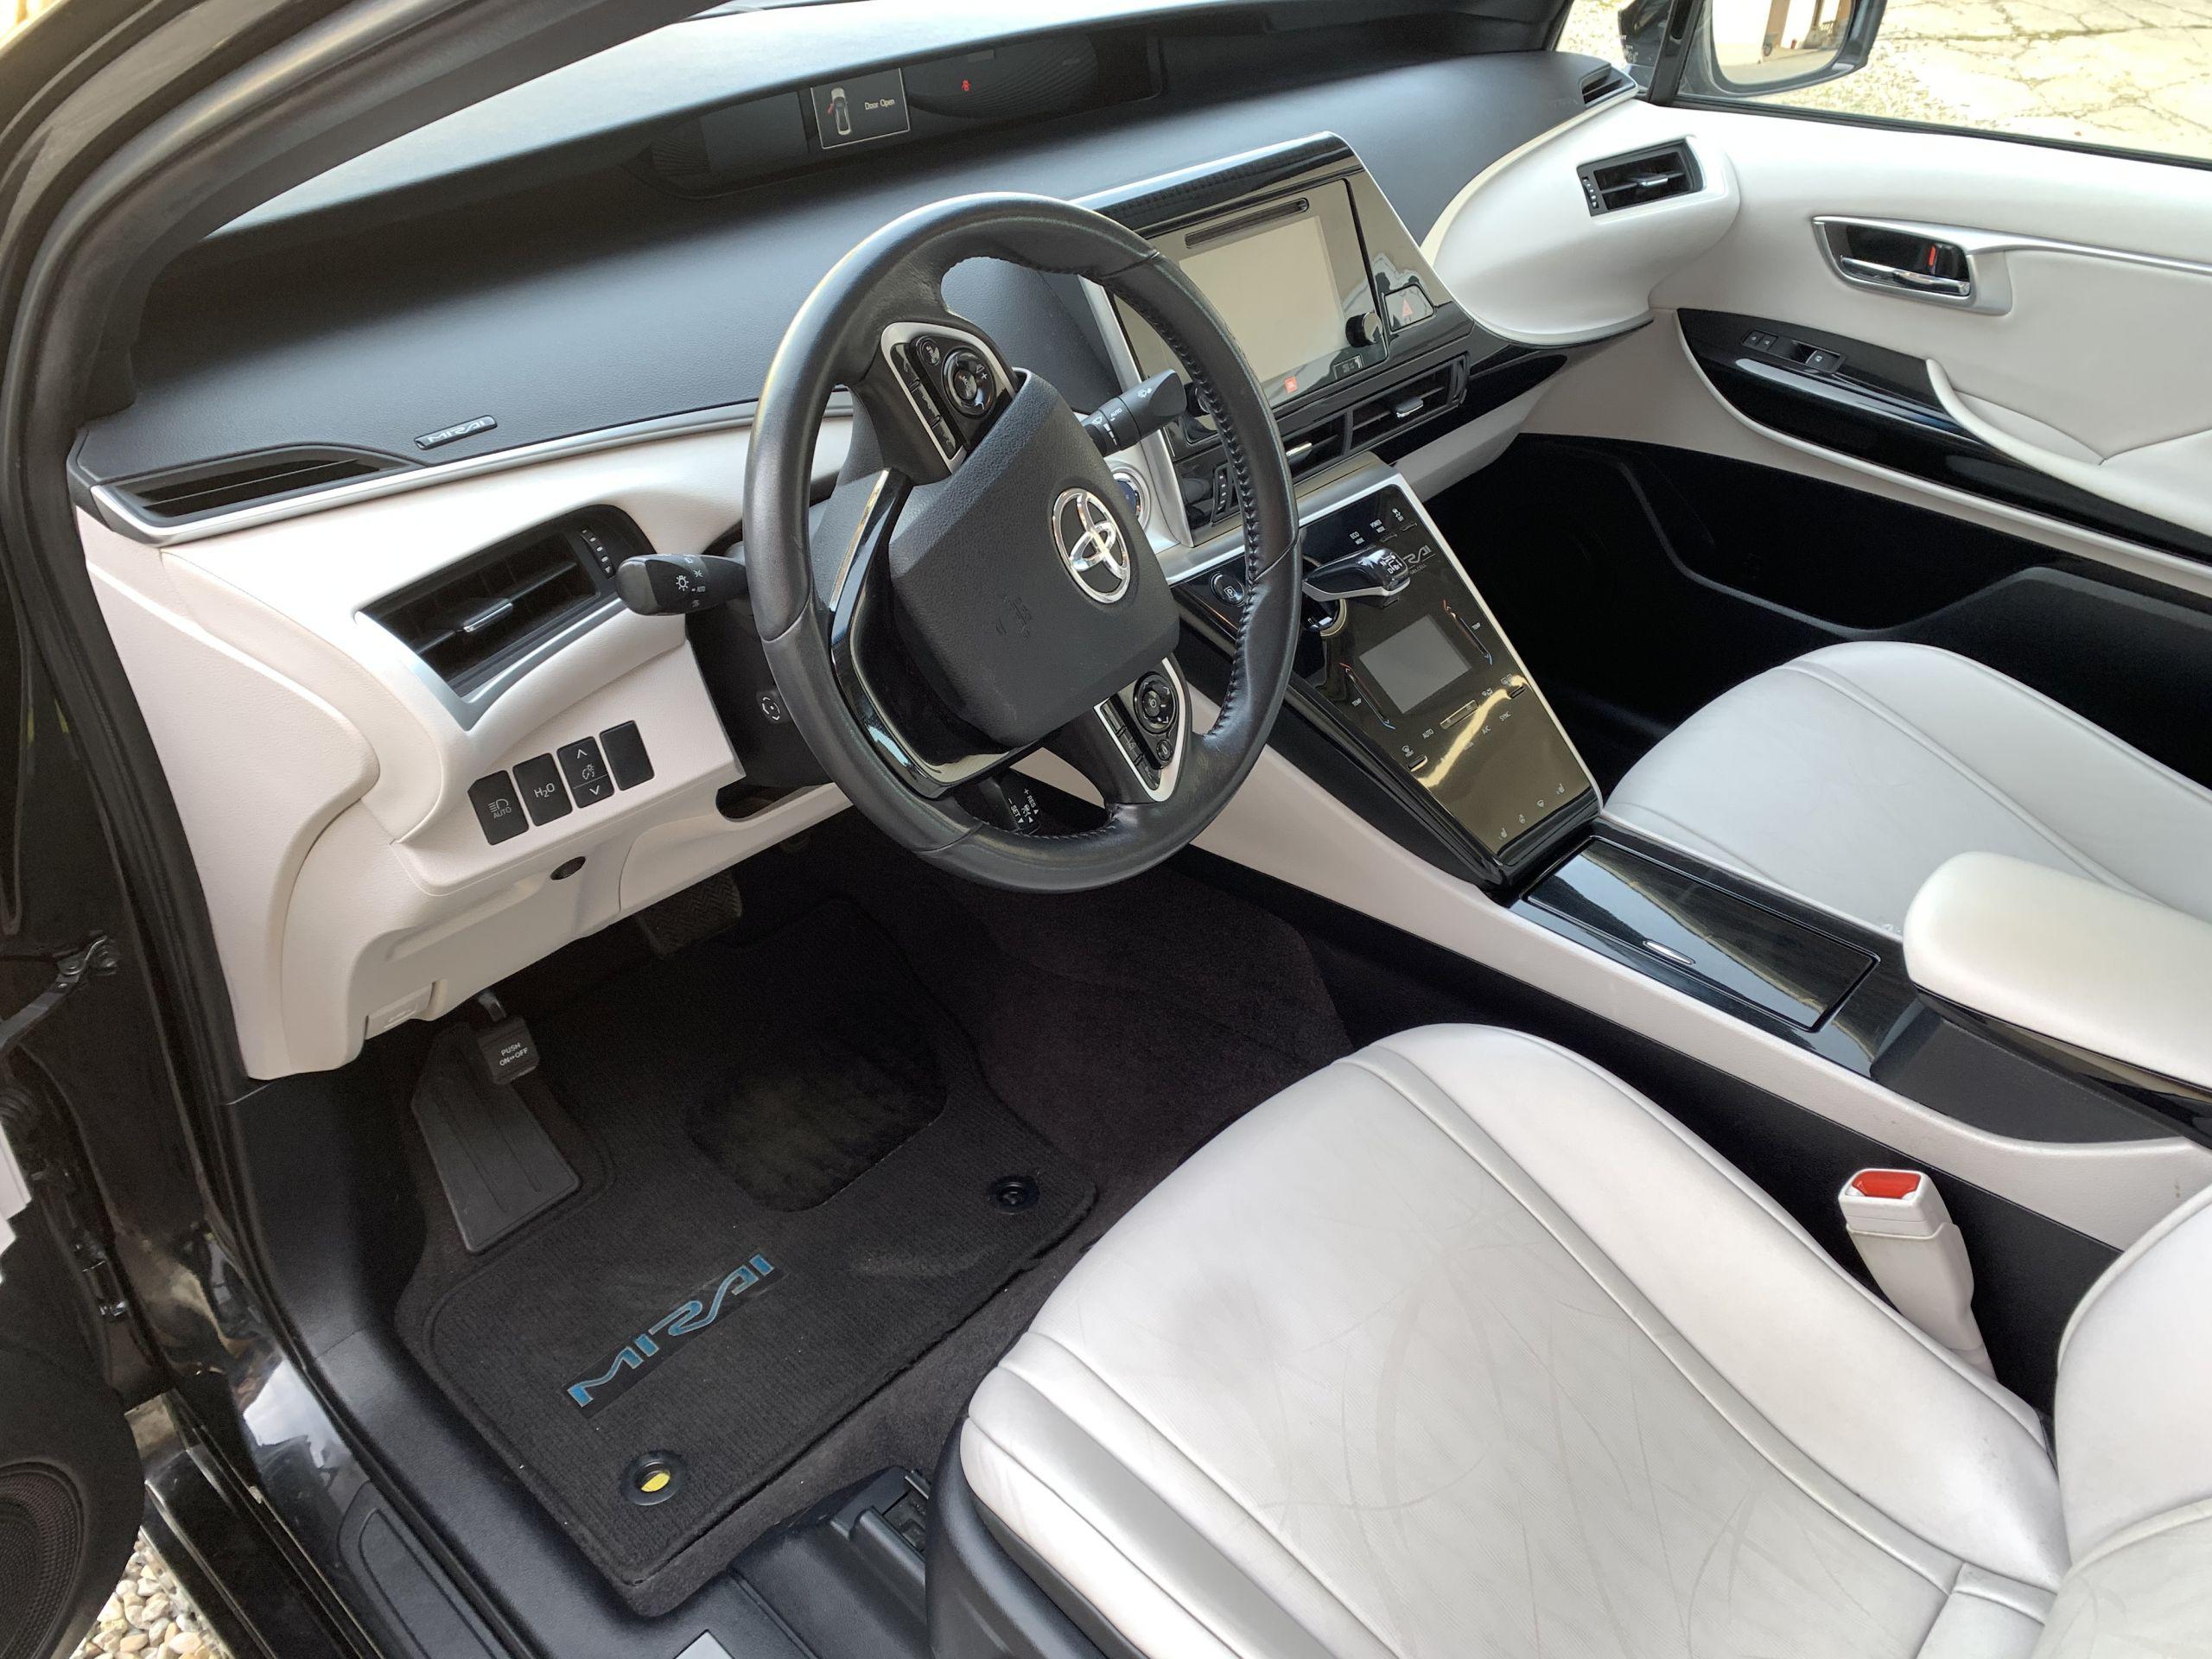 Schwarzer Gebraucht Toyota Mirai Wasserstoff Brennstoffzelle zu verkaufen Deutschland